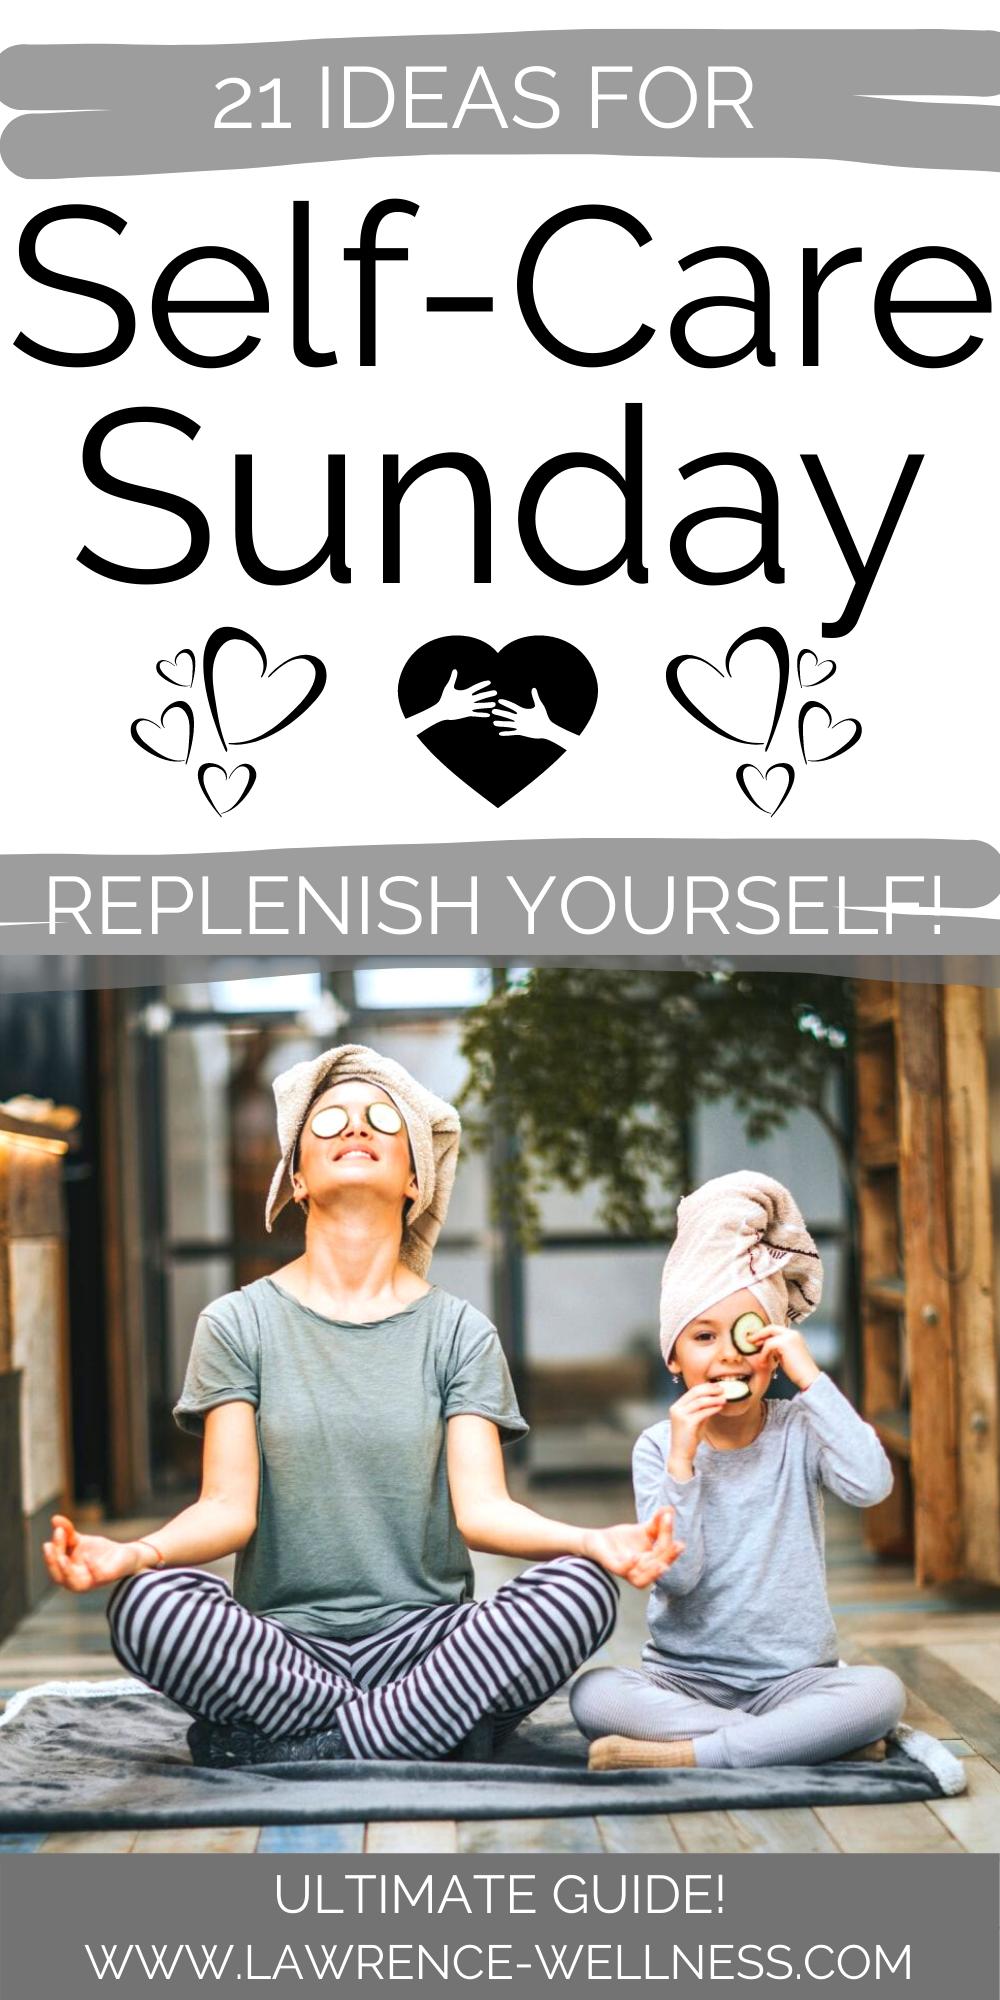 Self-care-Sunday-Ideas